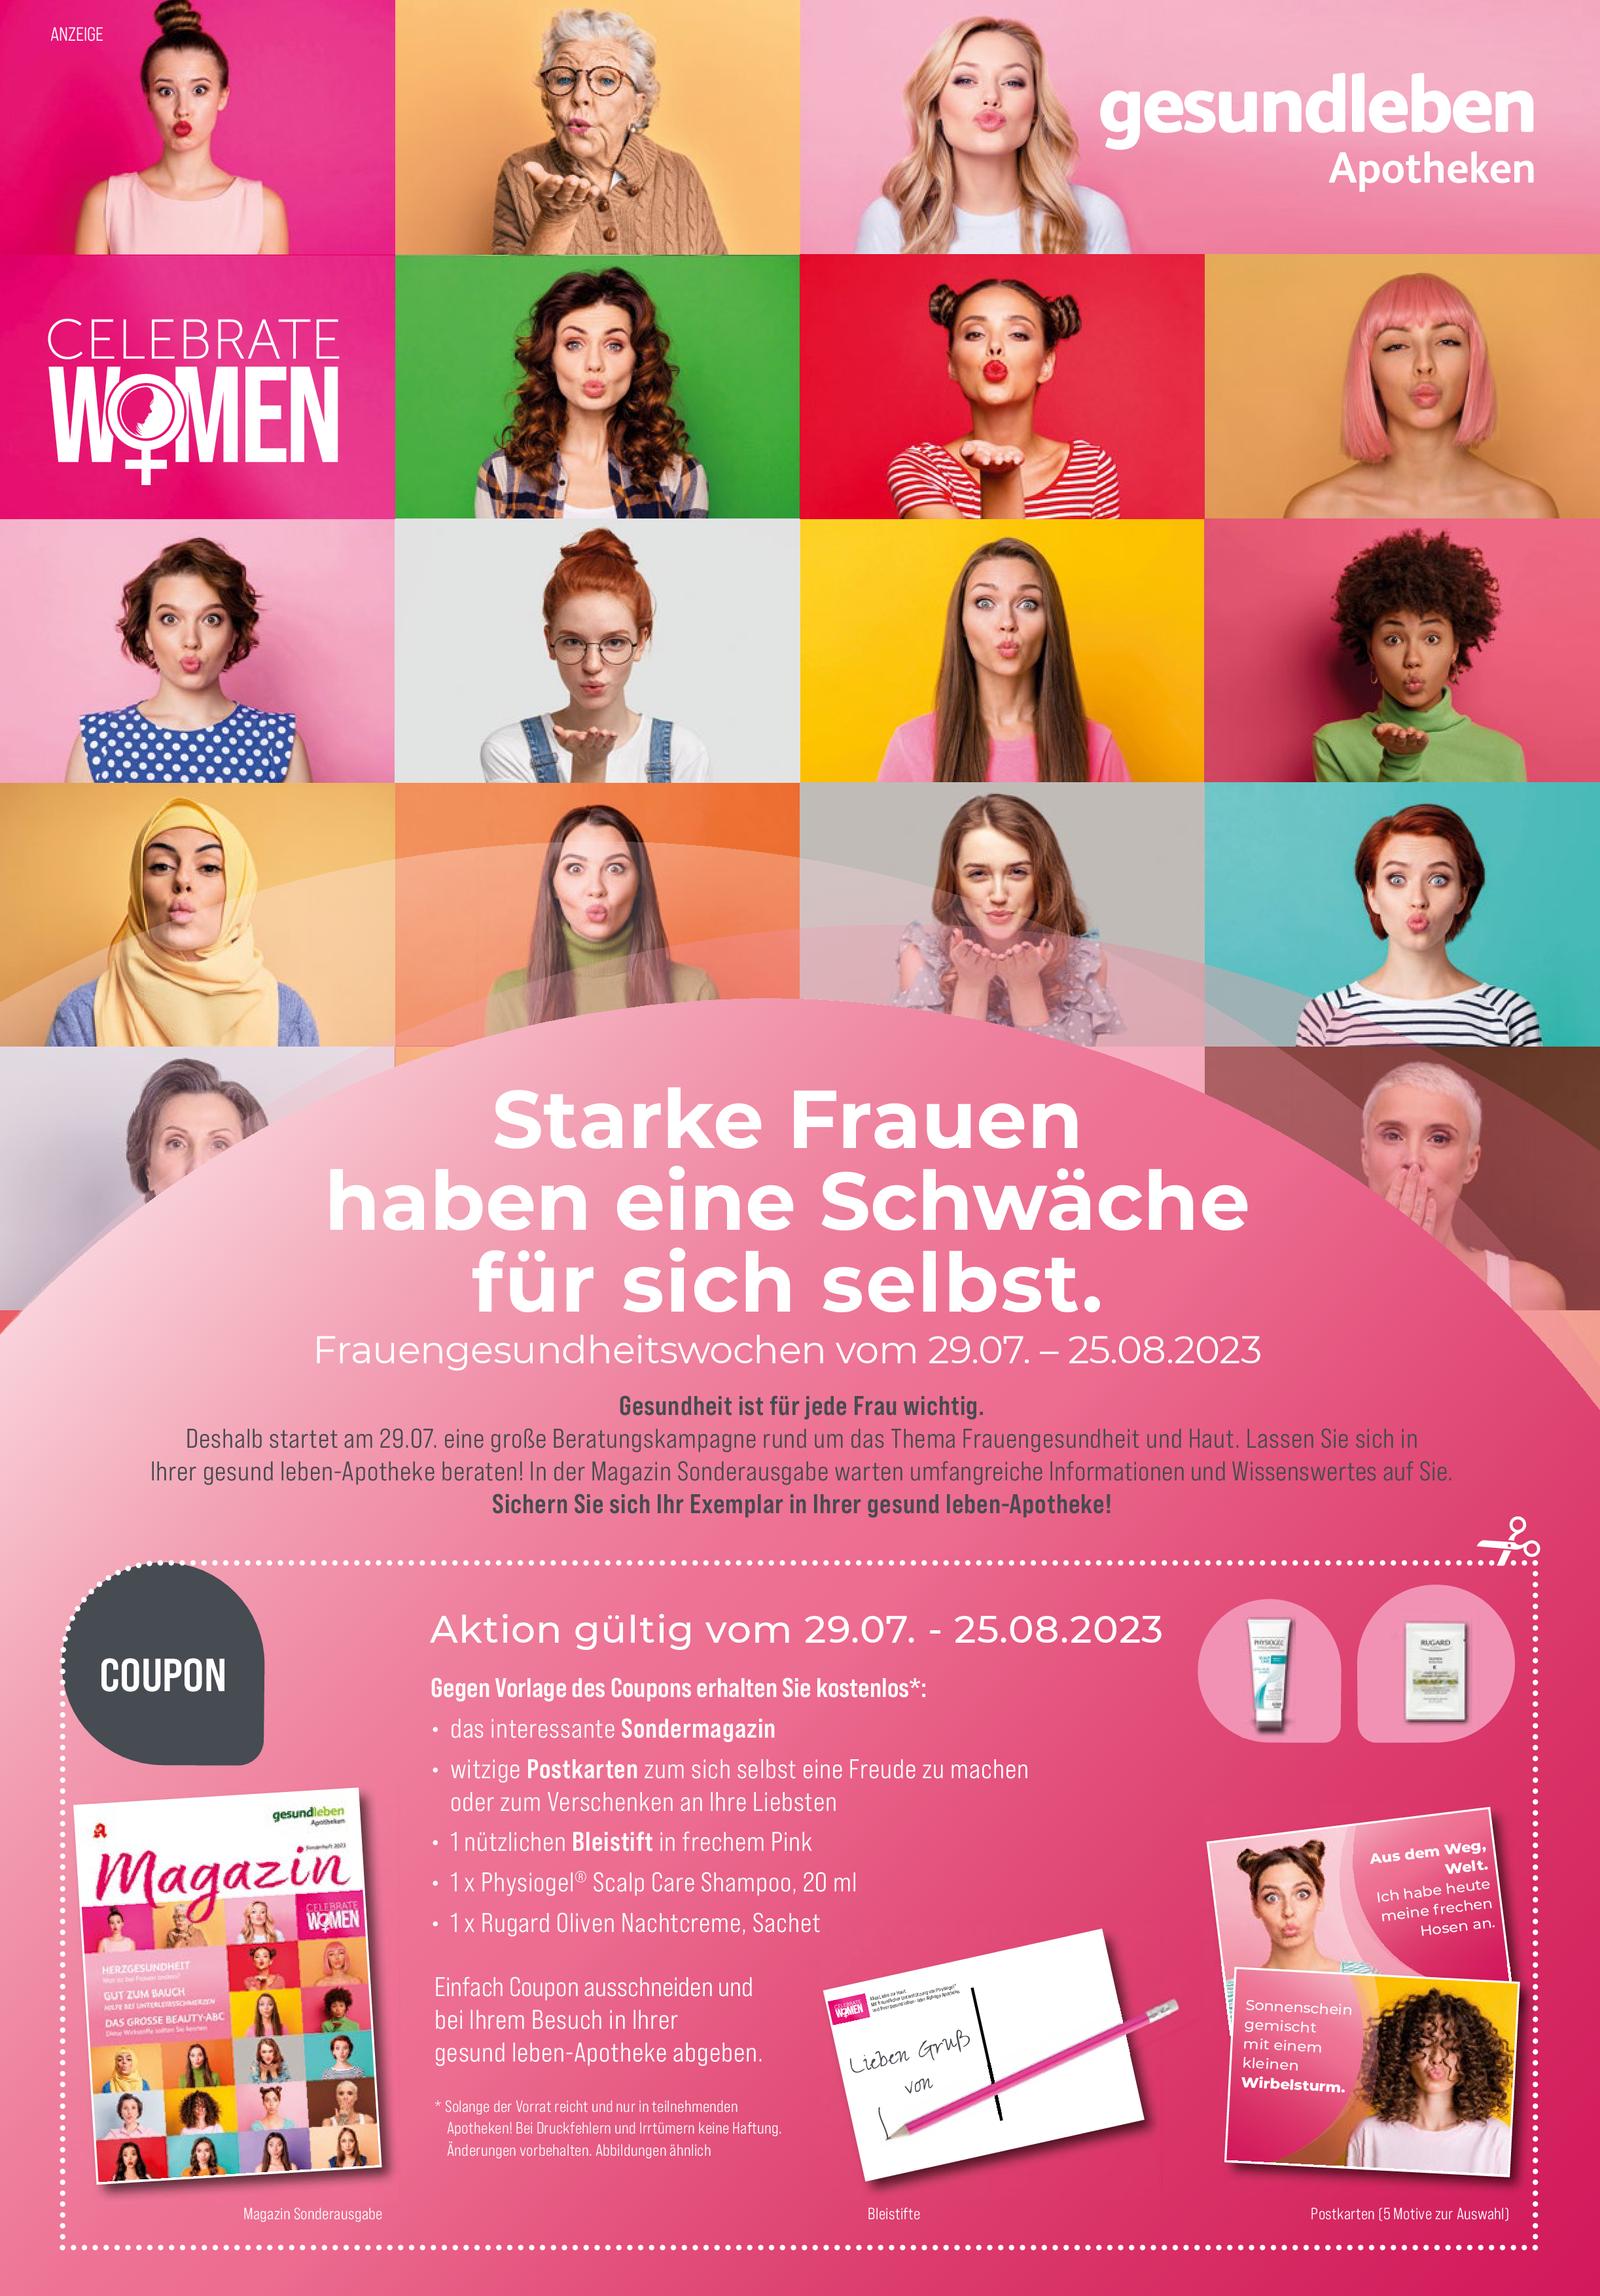 https://mein-uploads.apocdn.net/7104/leaflets/gesundleben_mittel-Seite5.png